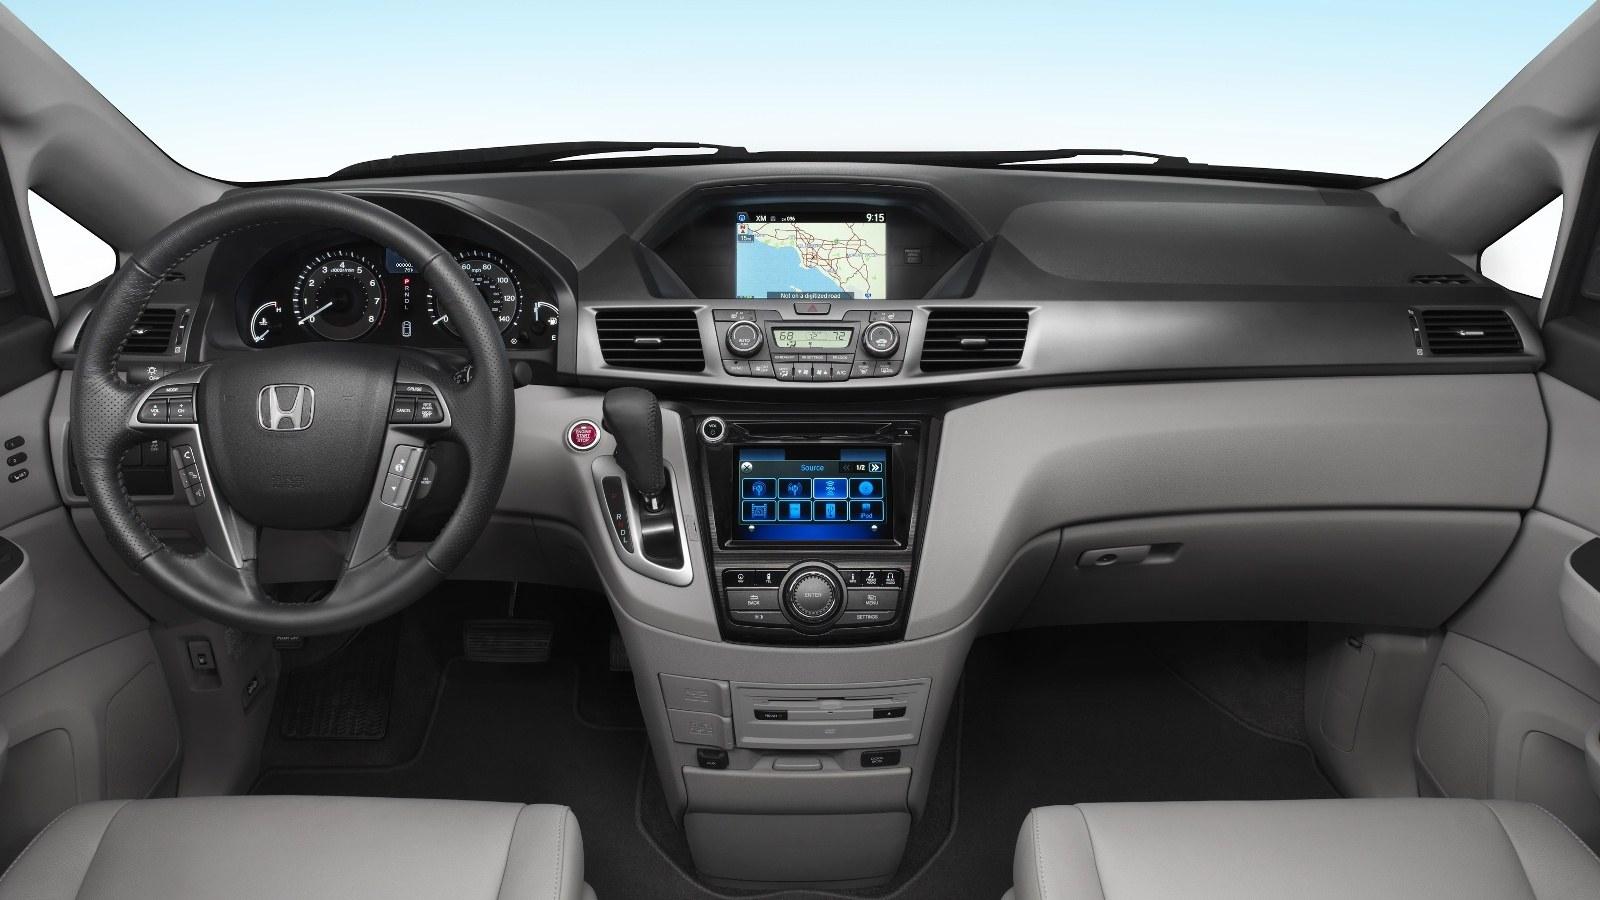 Озвучены цены обновлённого минивэна Хонда Odyssey 2017 модельного года